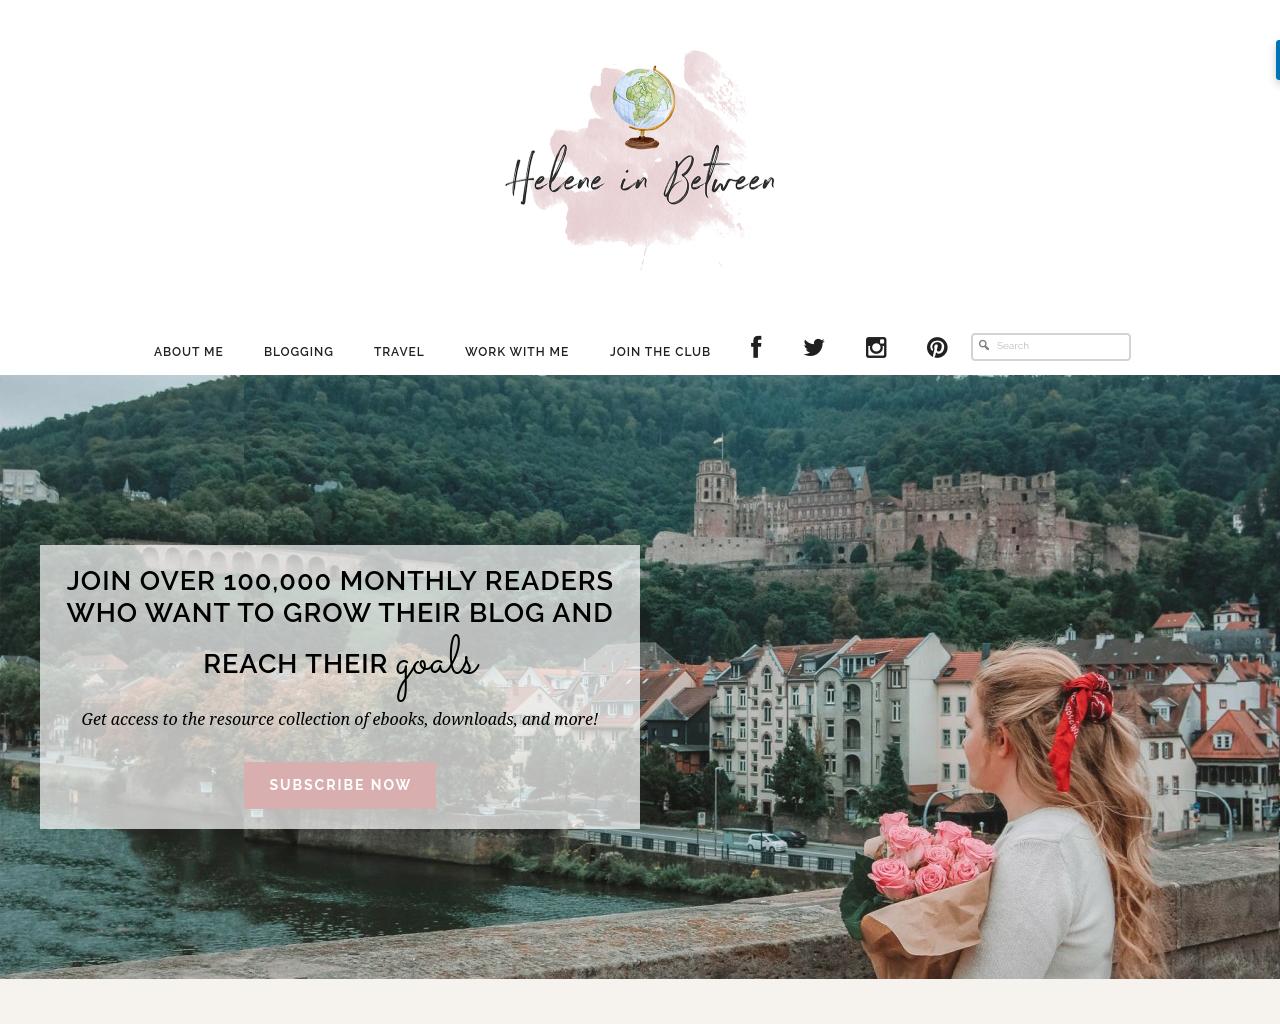 Helene-In-Between-Advertising-Reviews-Pricing